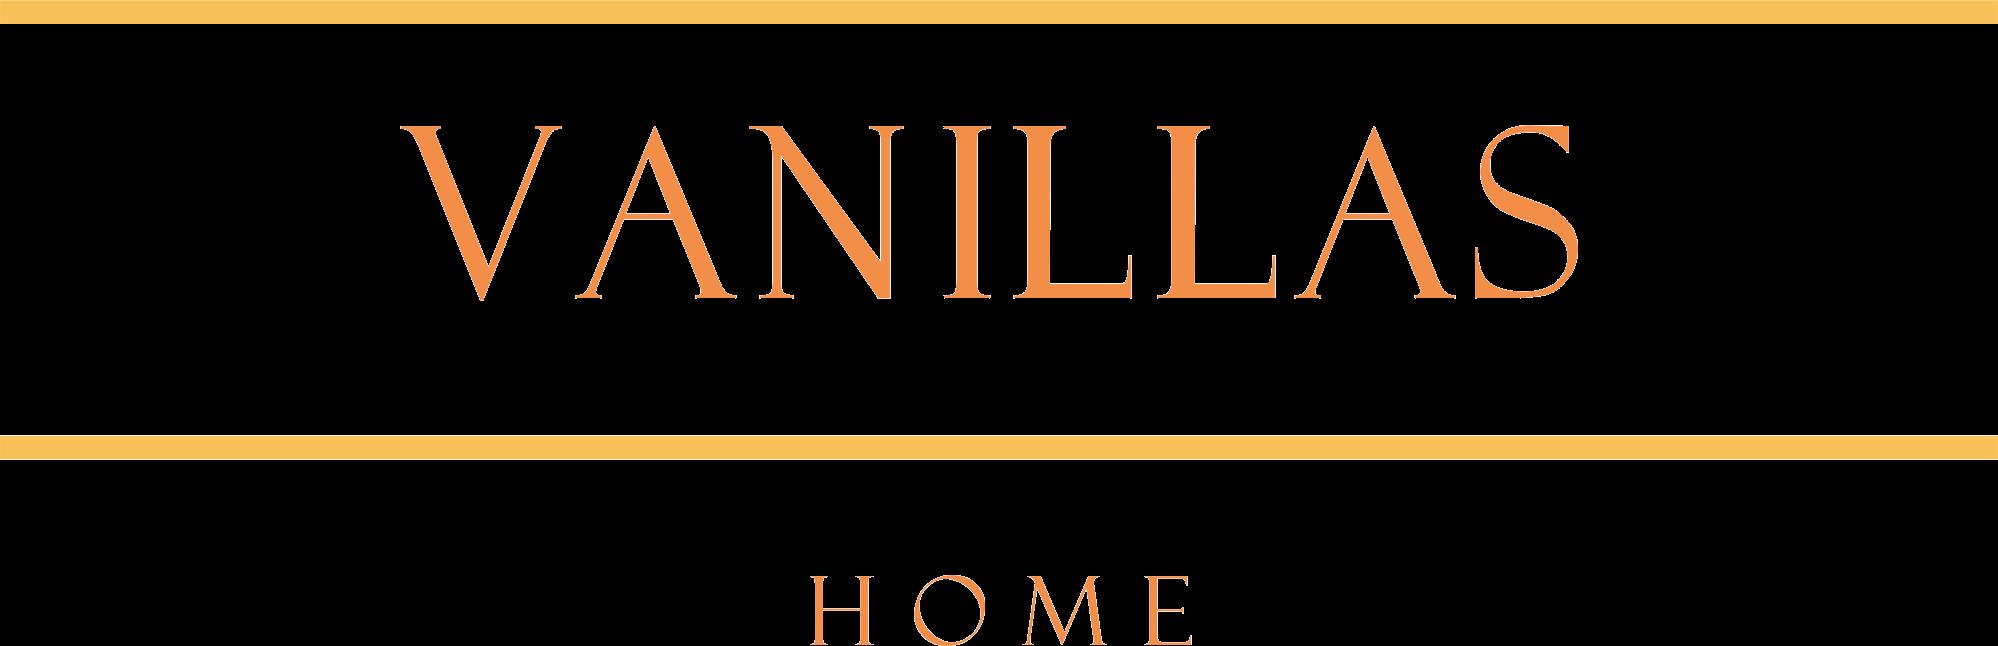 Vanillas home интернет-магазин постельного белья